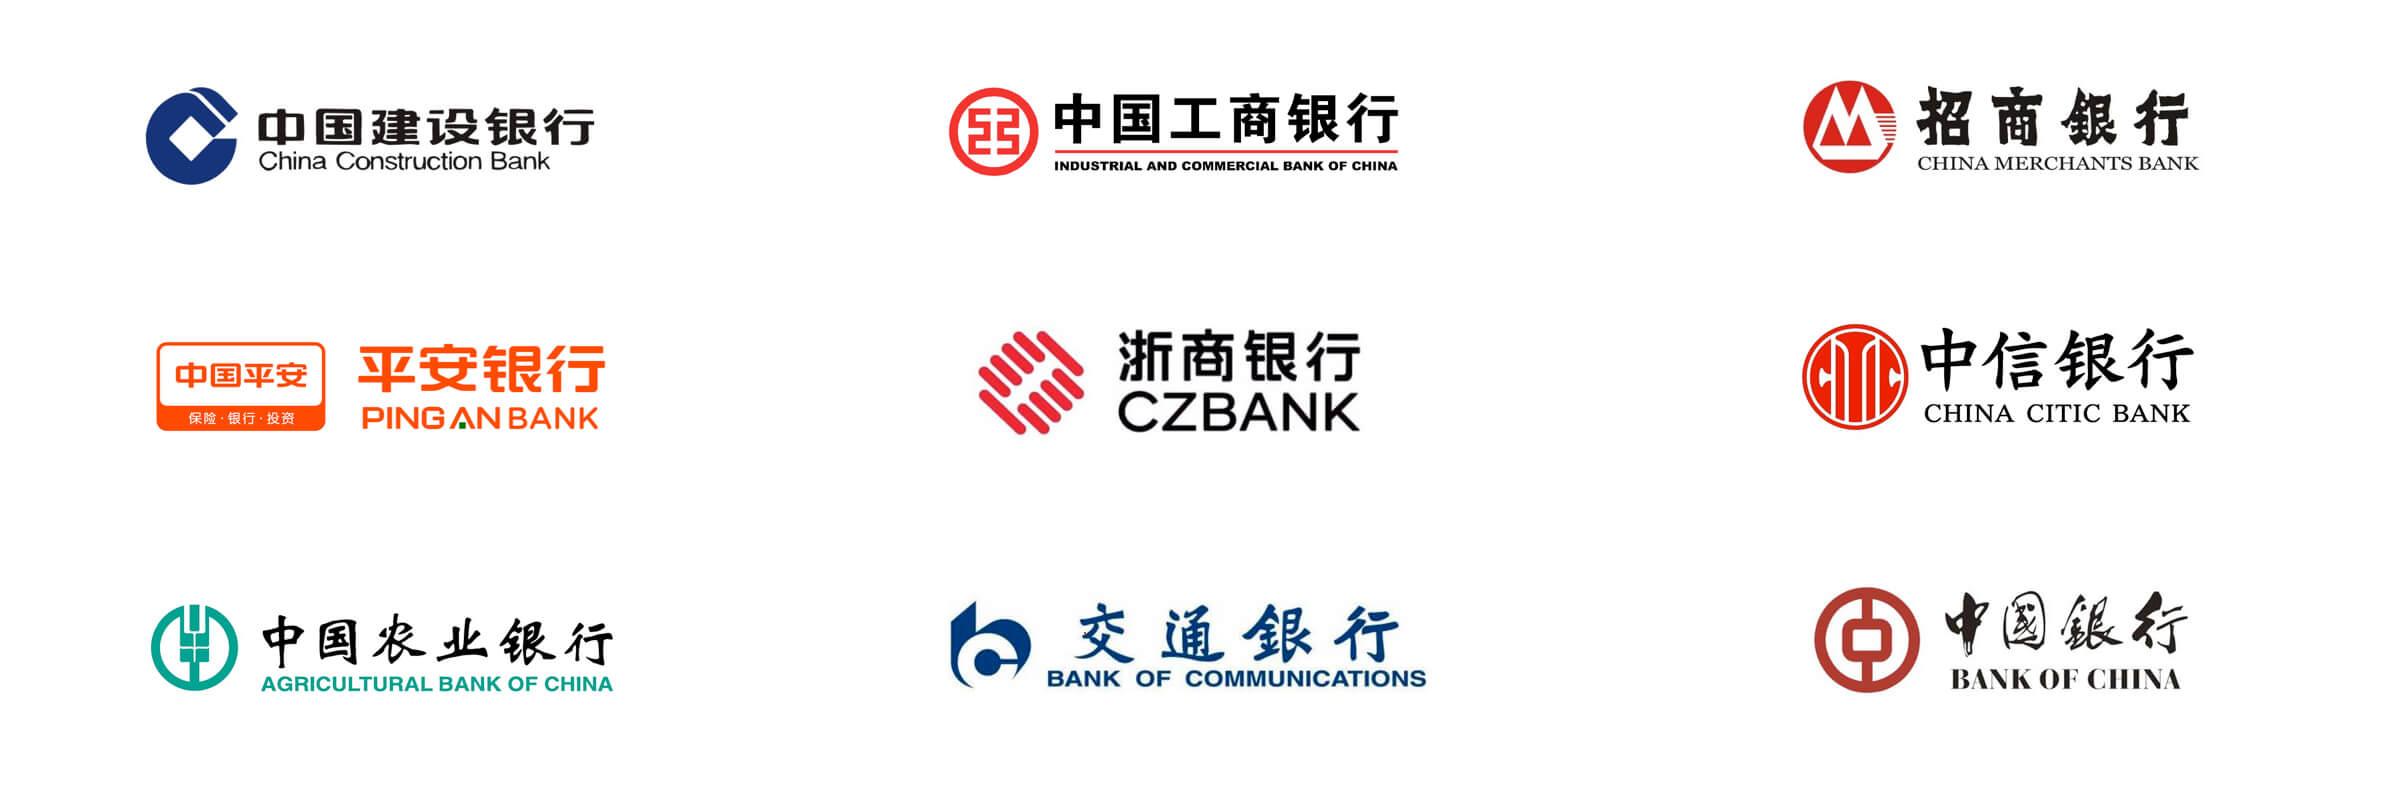 合作的金融机构